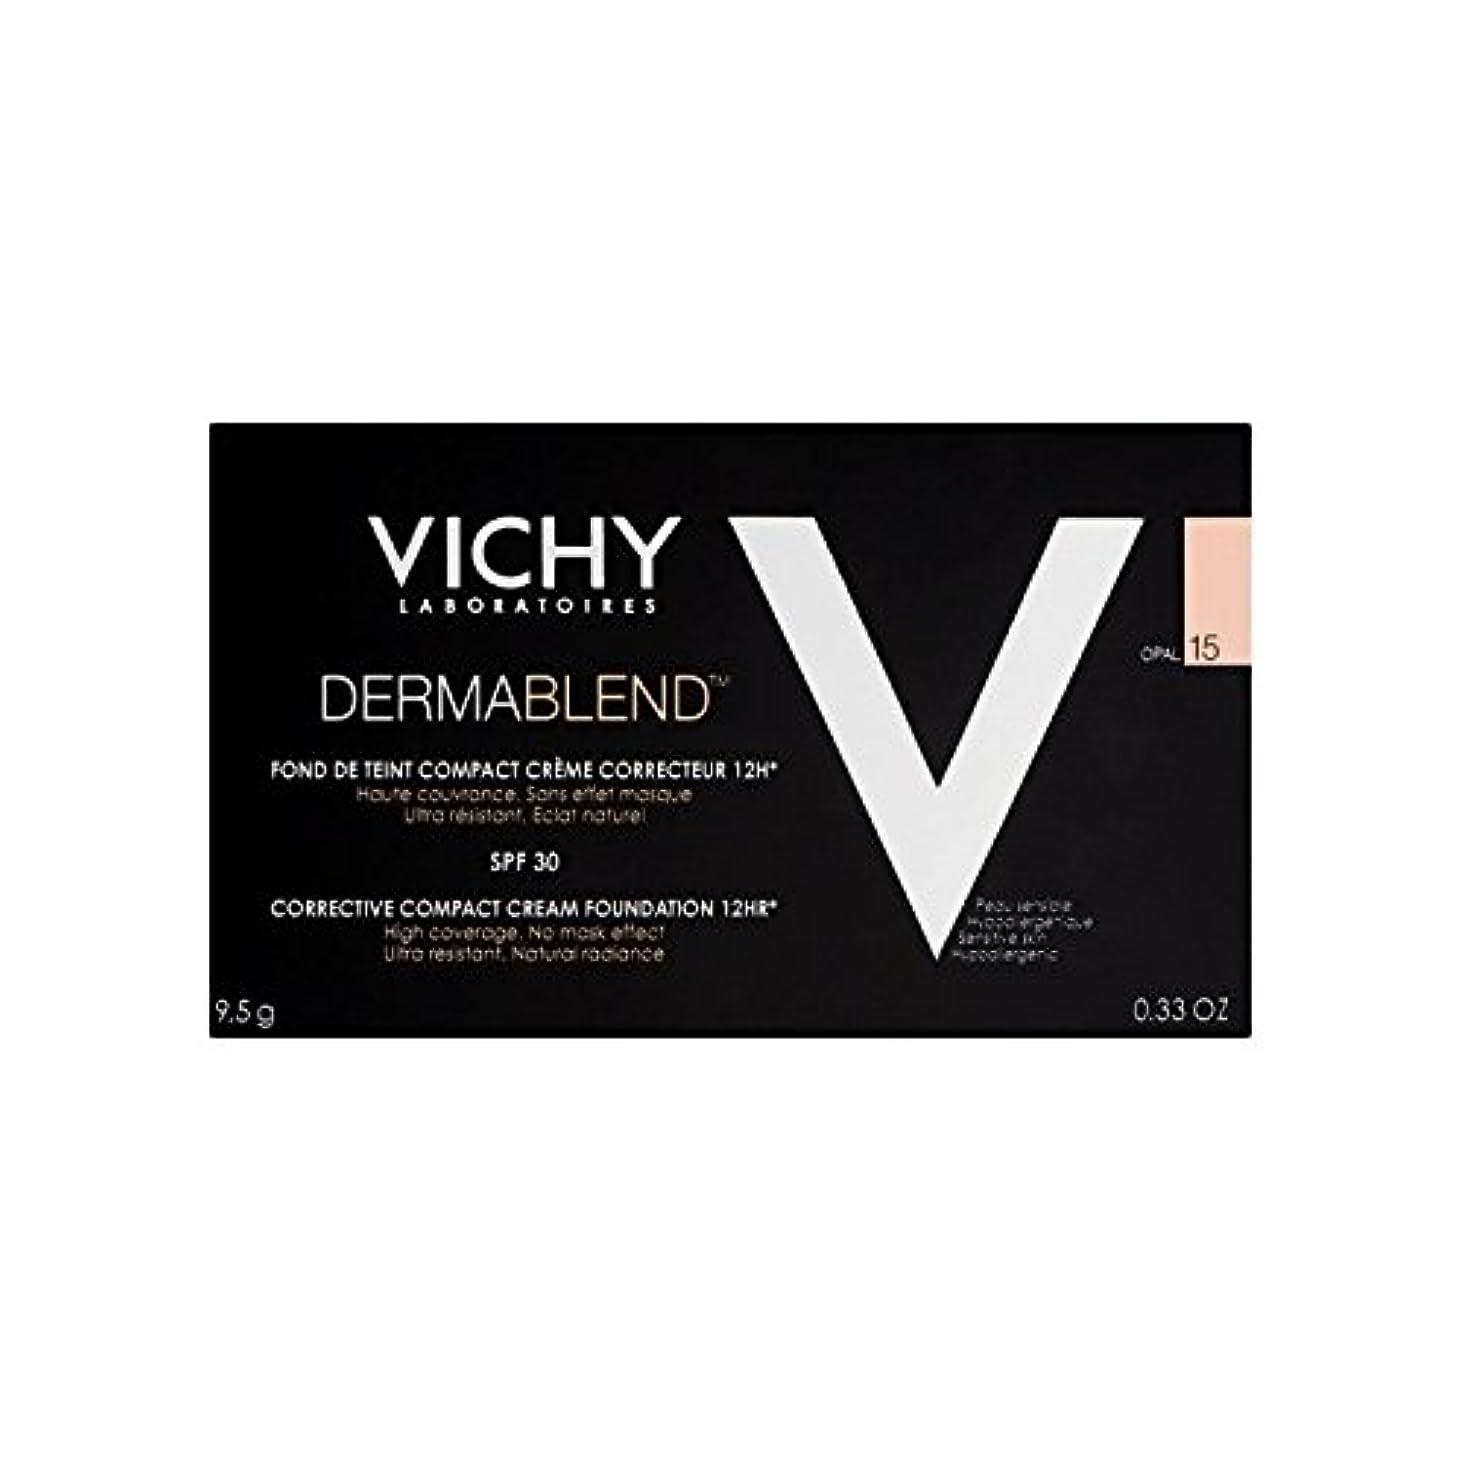 幻想的サイレント違反ヴィシー是正コンパクトクリームファンデーションオパール15 x2 - Vichy Dermablend Corrective Compact Cream Foundation Opal 15 (Pack of 2) [並行輸入品]